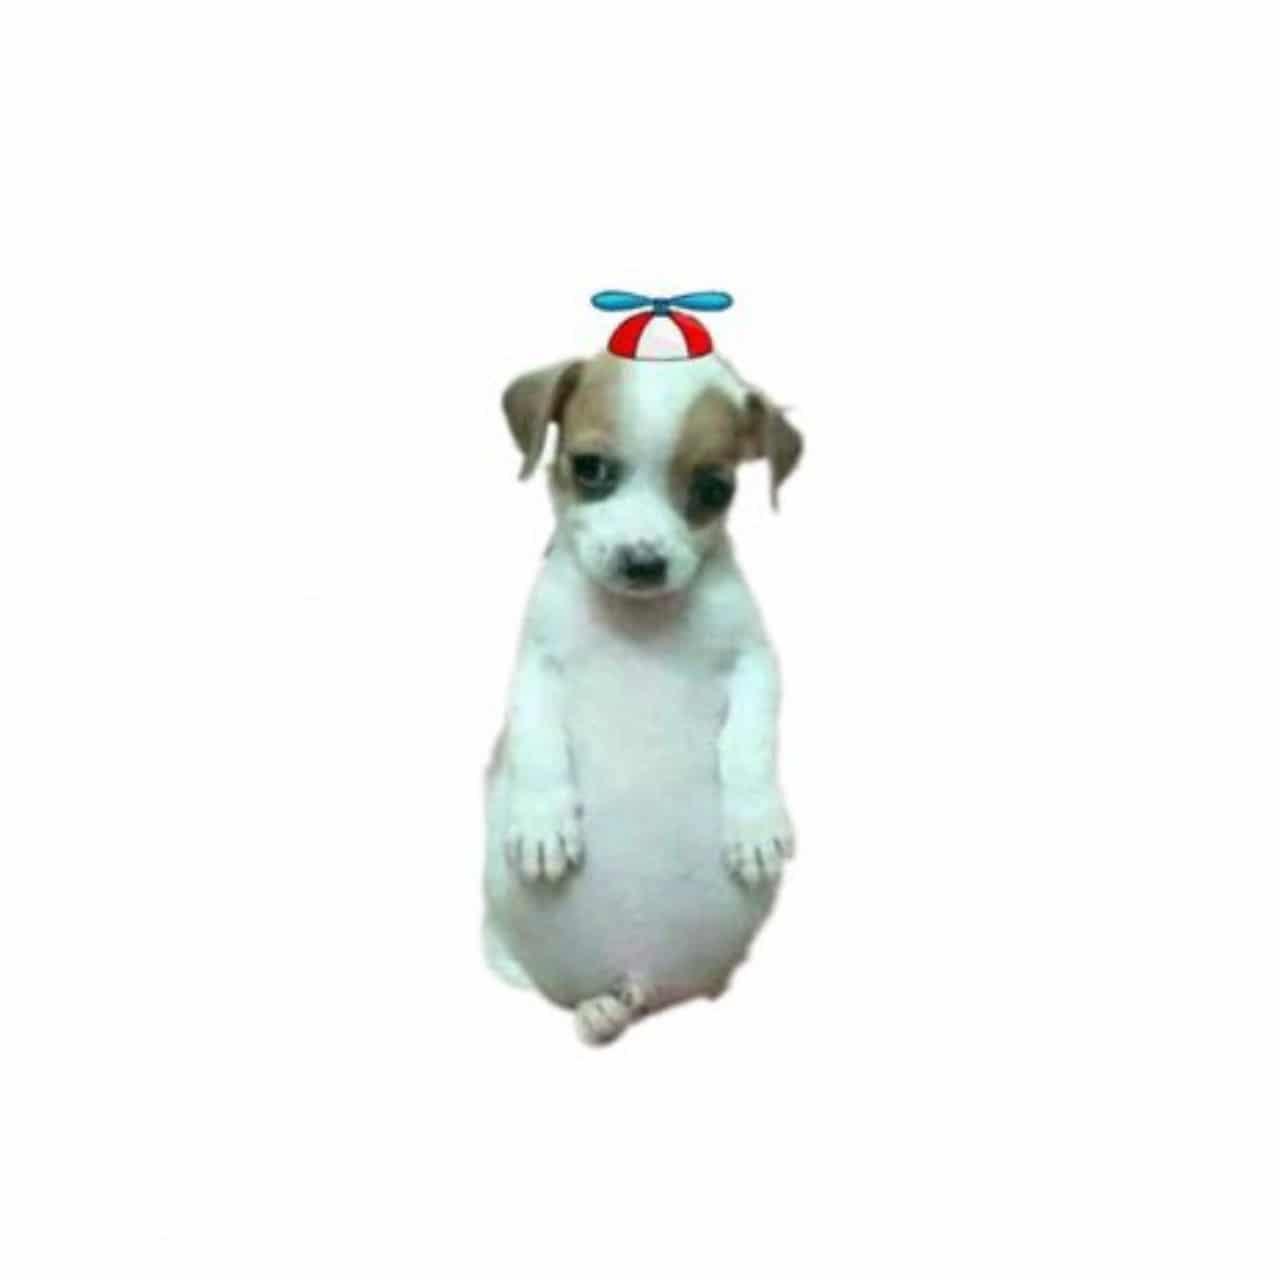 Meme del perrito panson con gorrito